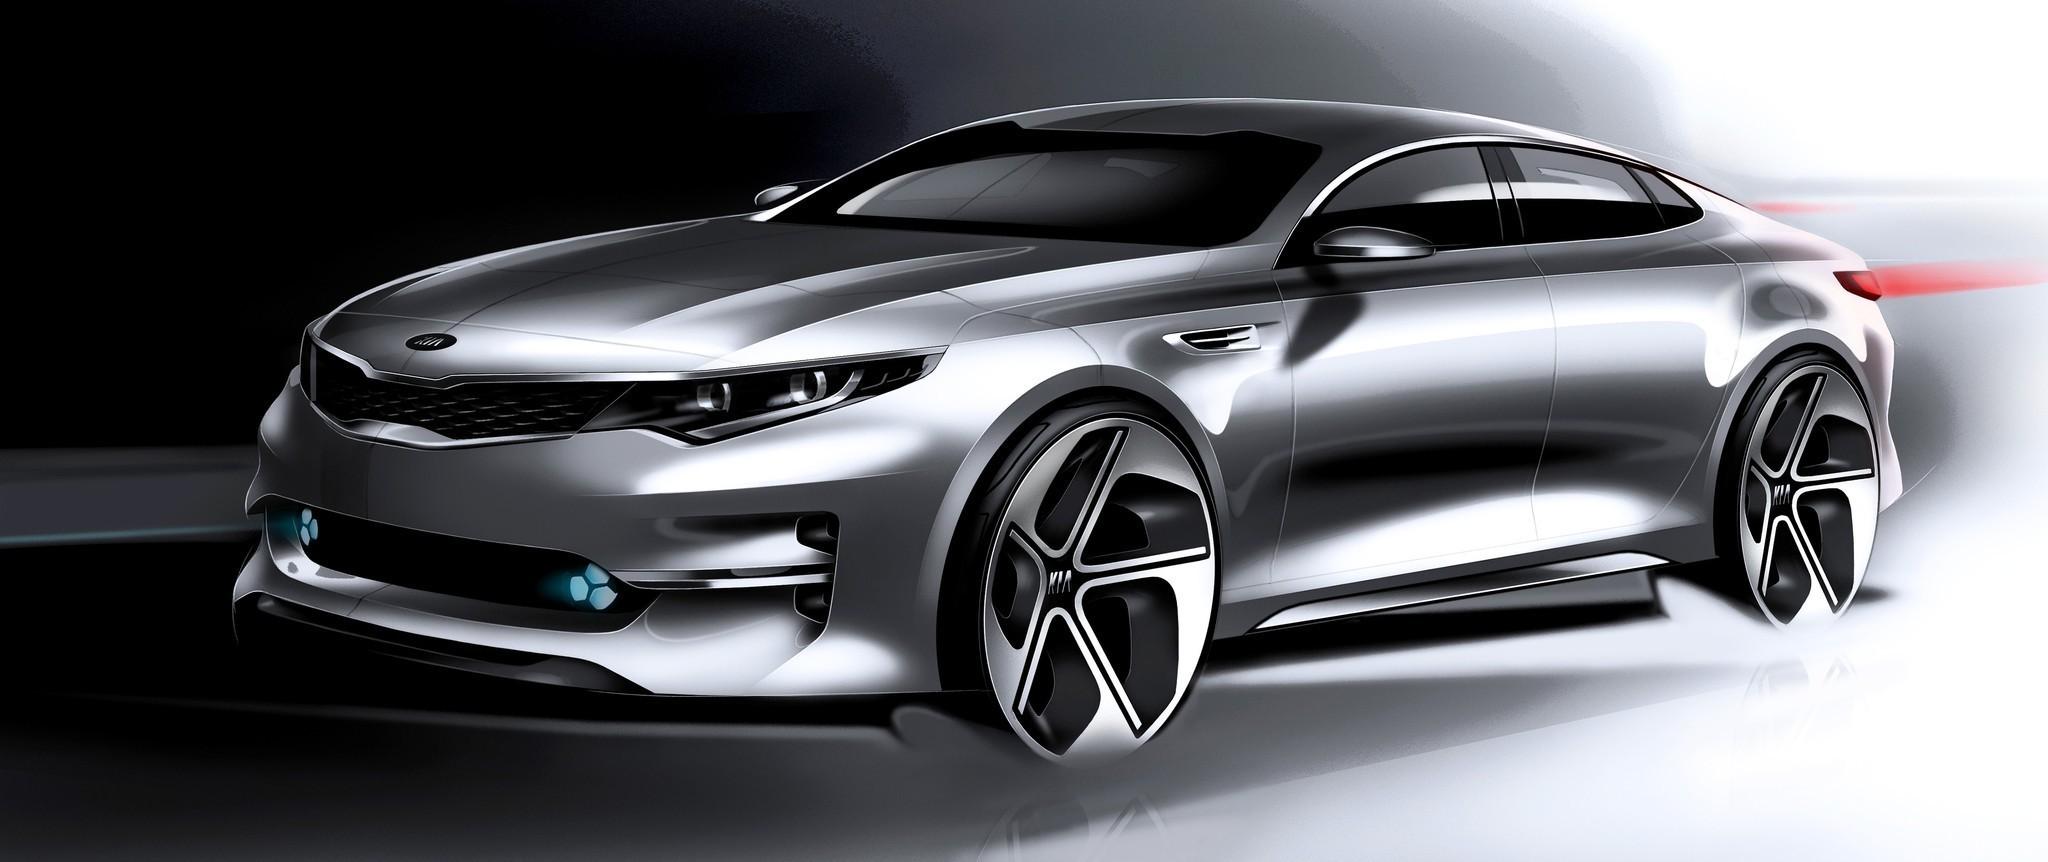 New York Auto Show: Kia's new Optima sedan to debut